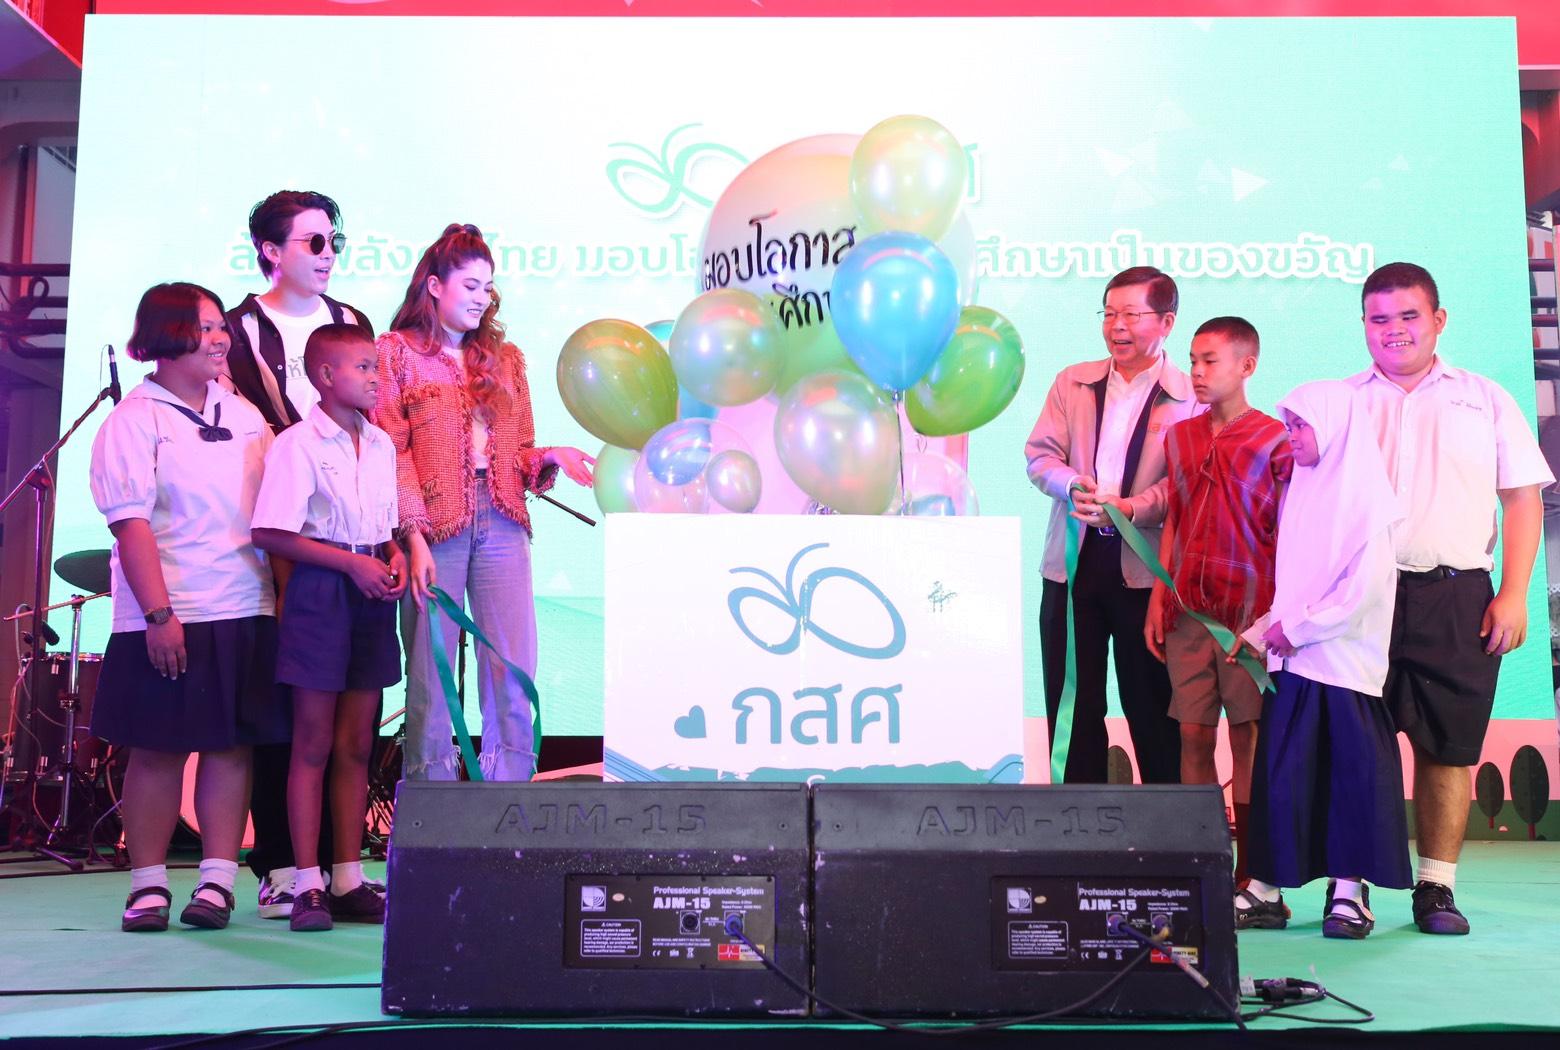 """""""ป๊อก-มาร์กี้"""" ชวนคนไทยบริจาค """"กองทุน กสศ."""" ช่วยเหลือเด็กยากจน ลดเสี่ยงหลุดระบบการศึกษา"""